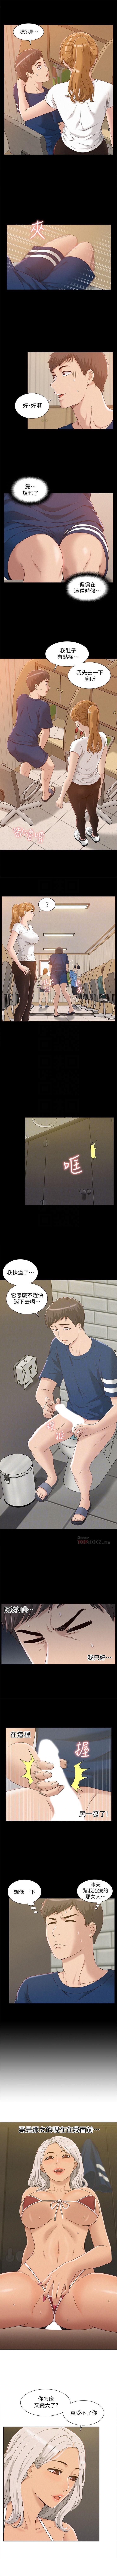 (週4)難言之隱 1-24 中文翻譯(更新中) 17